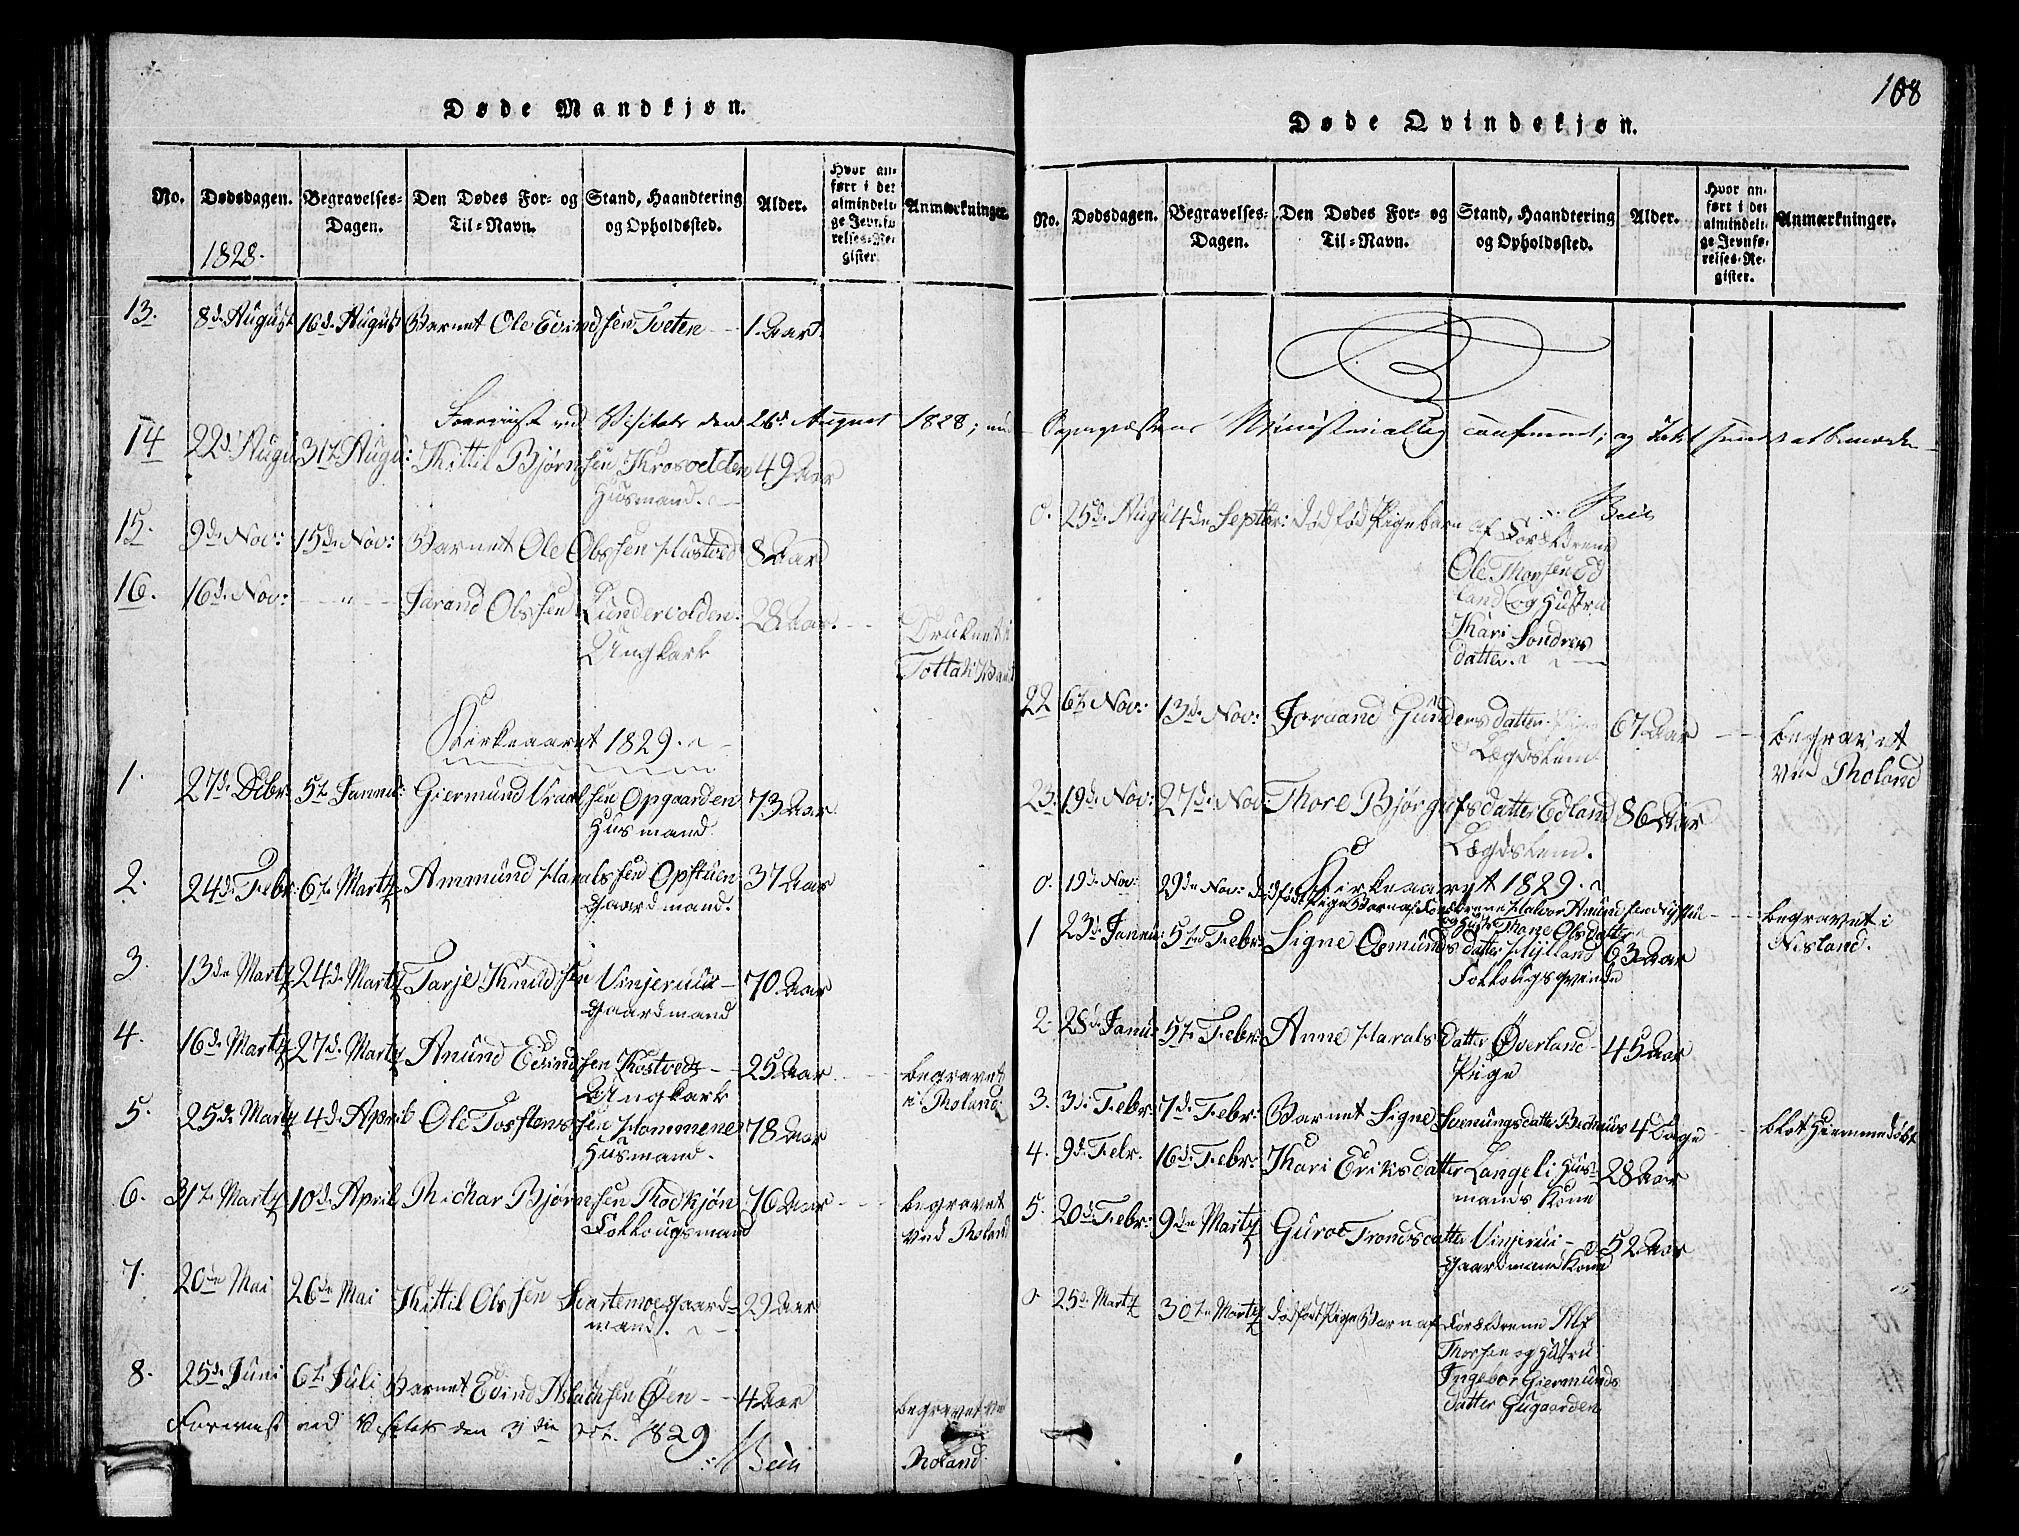 SAKO, Vinje kirkebøker, G/Ga/L0001: Klokkerbok nr. I 1, 1814-1843, s. 108